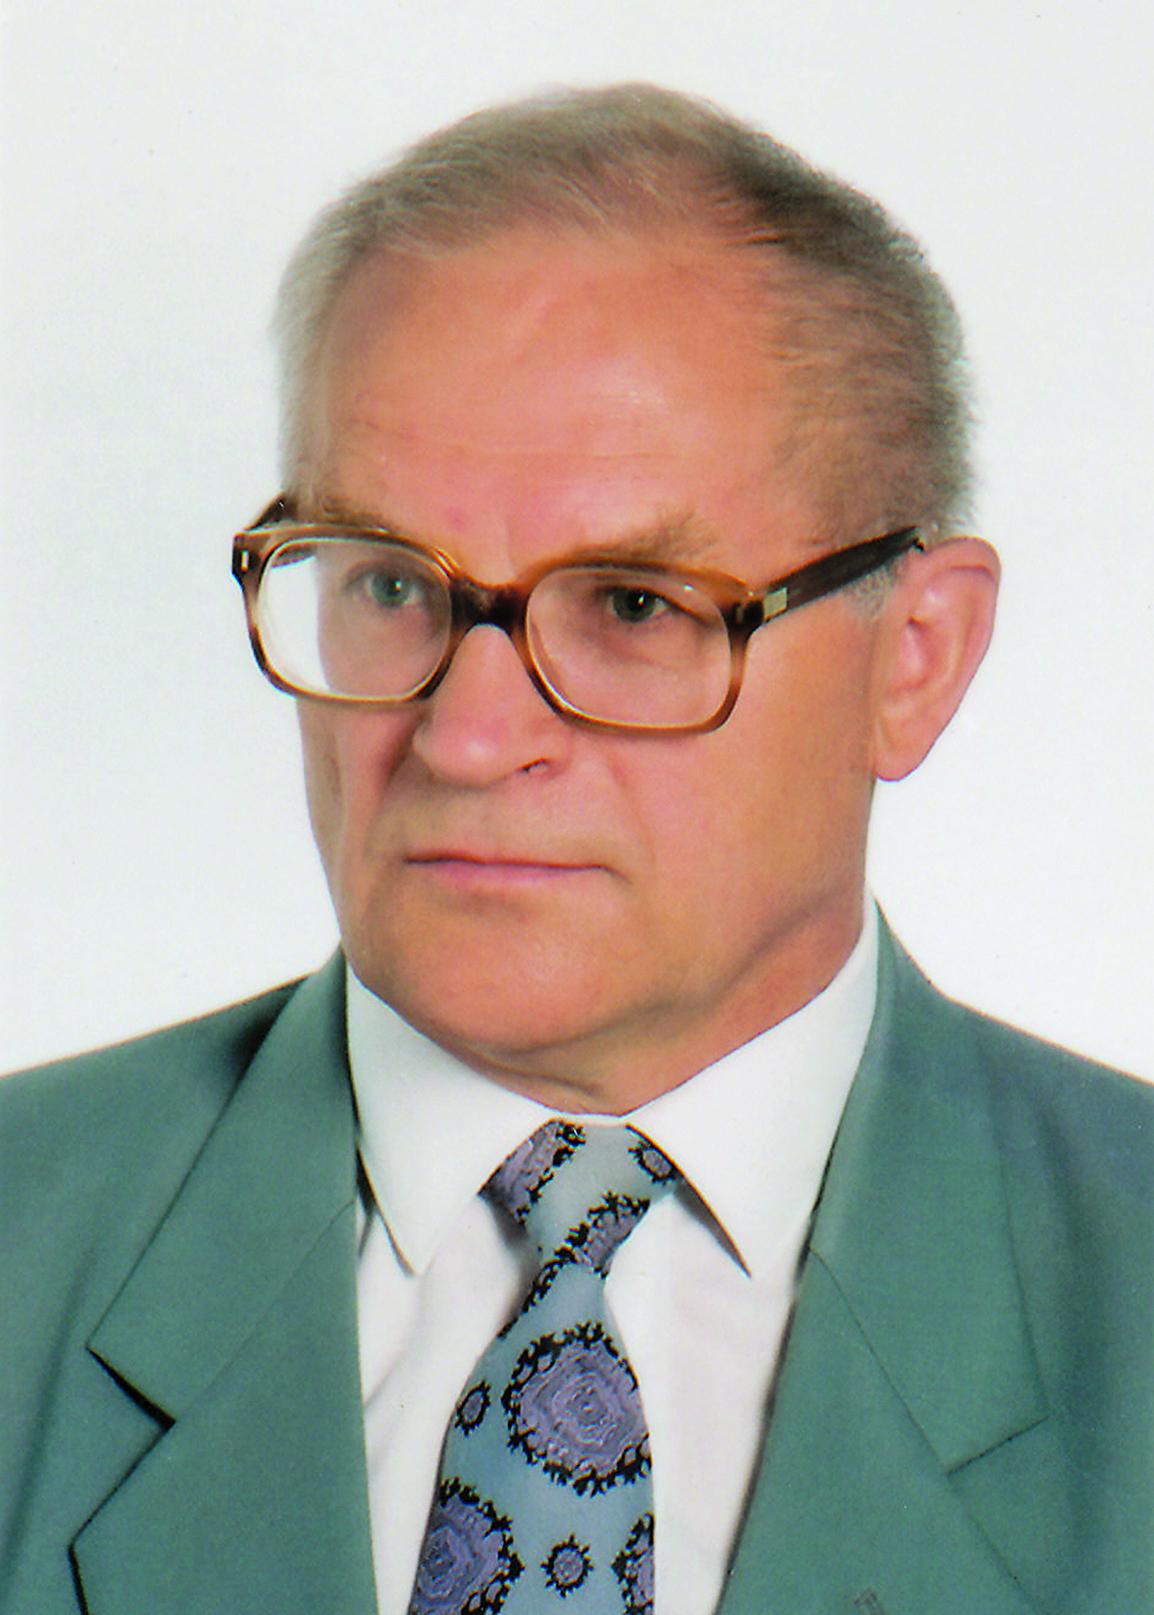 Д-р Микола Рощенко про історію України та Росії